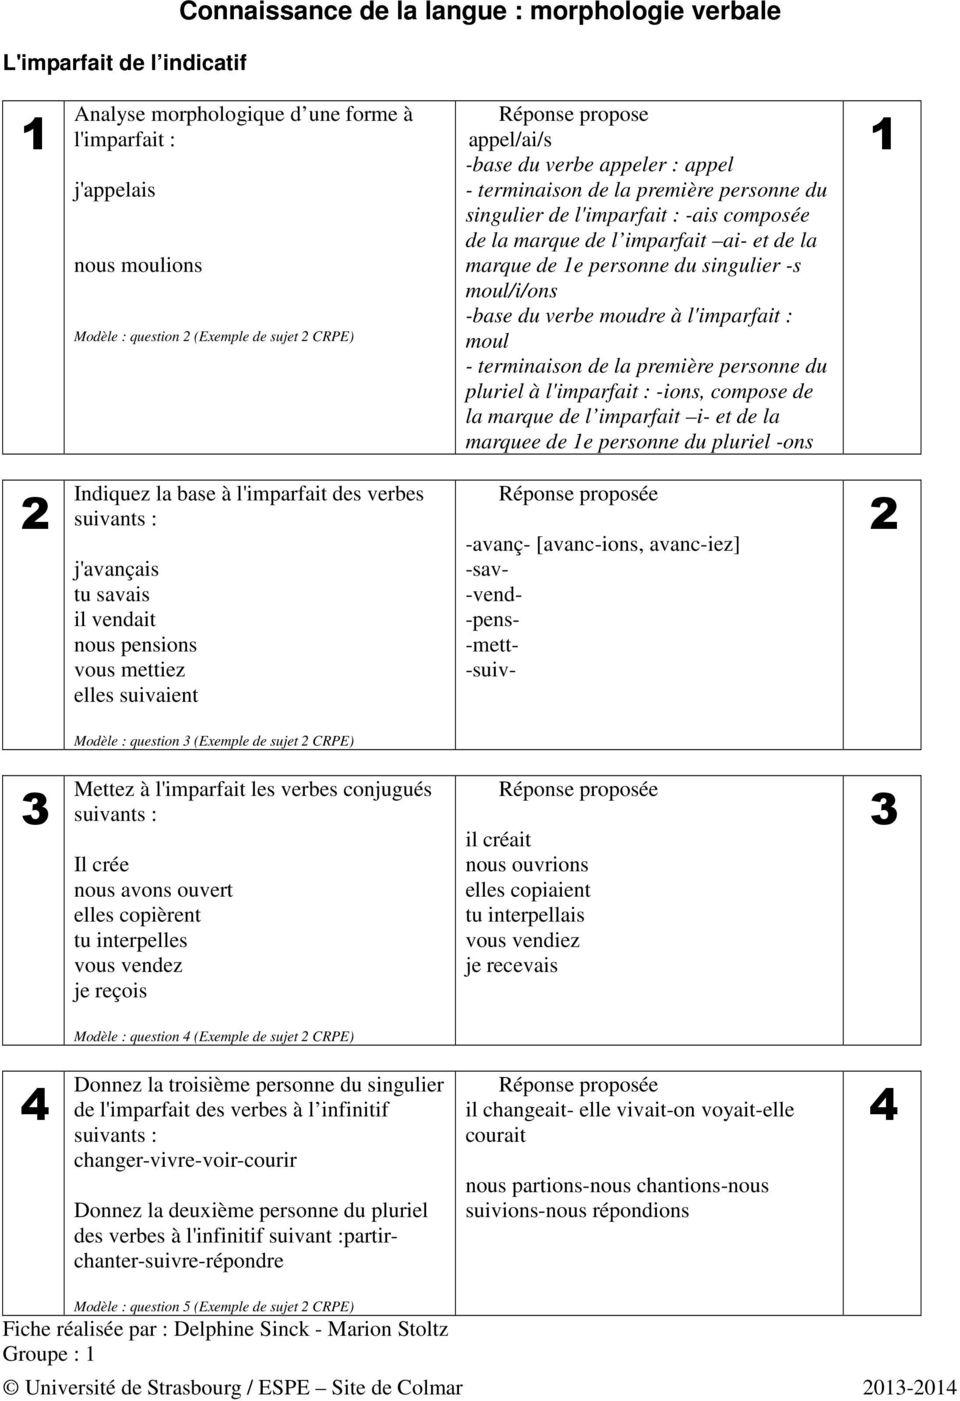 Connaissance De La Langue : Morphologie Verbale - Pdf à Verbe Moudre À L Imparfait